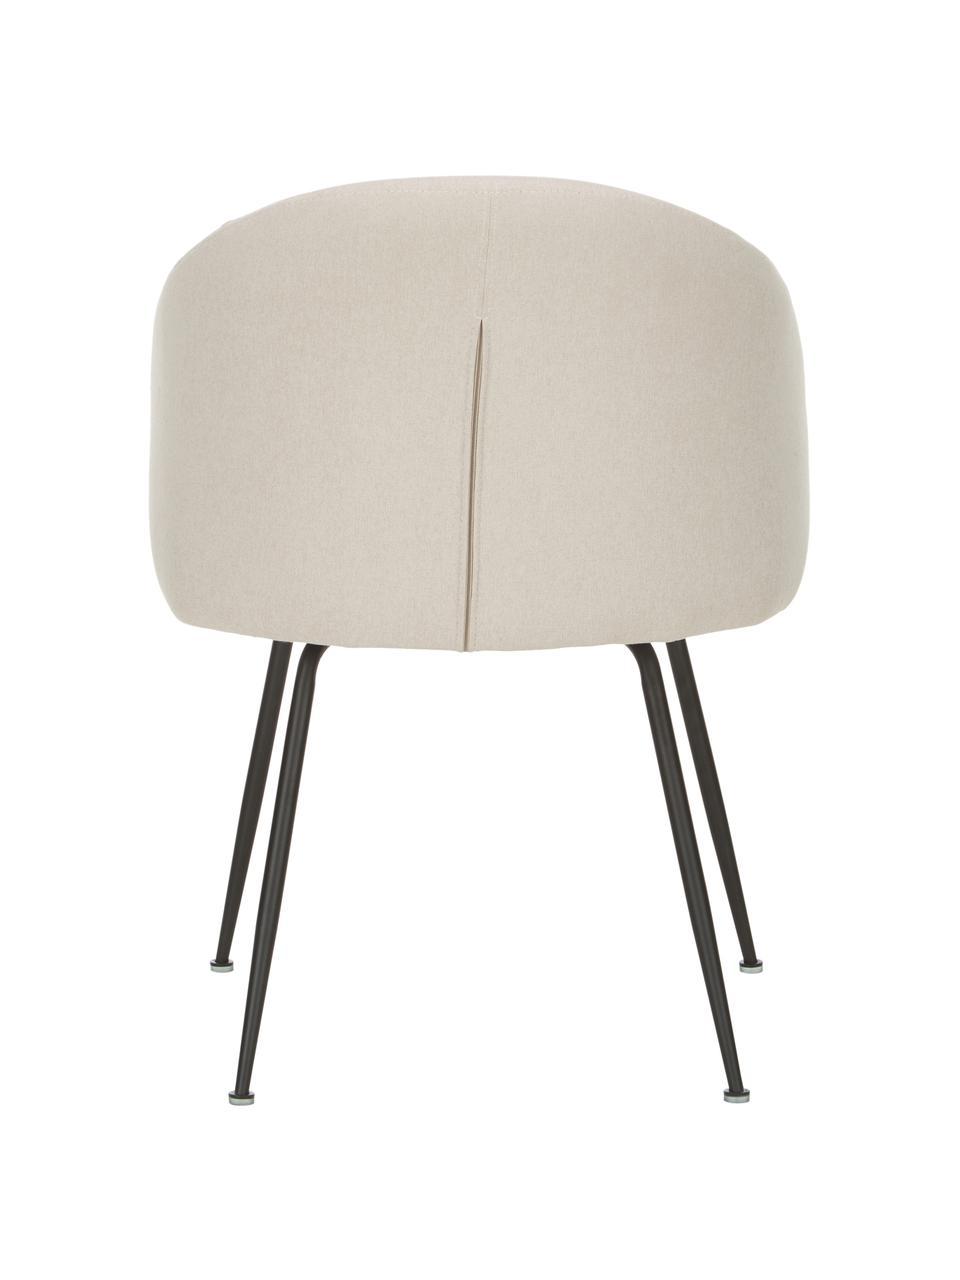 Gestoffeerde stoelen Luisa, 2 stuks, Bekleding: 100% polyester, Poten: gepoedercoat metaal, Geweven stof beige, zwart, 59 x 58 cm